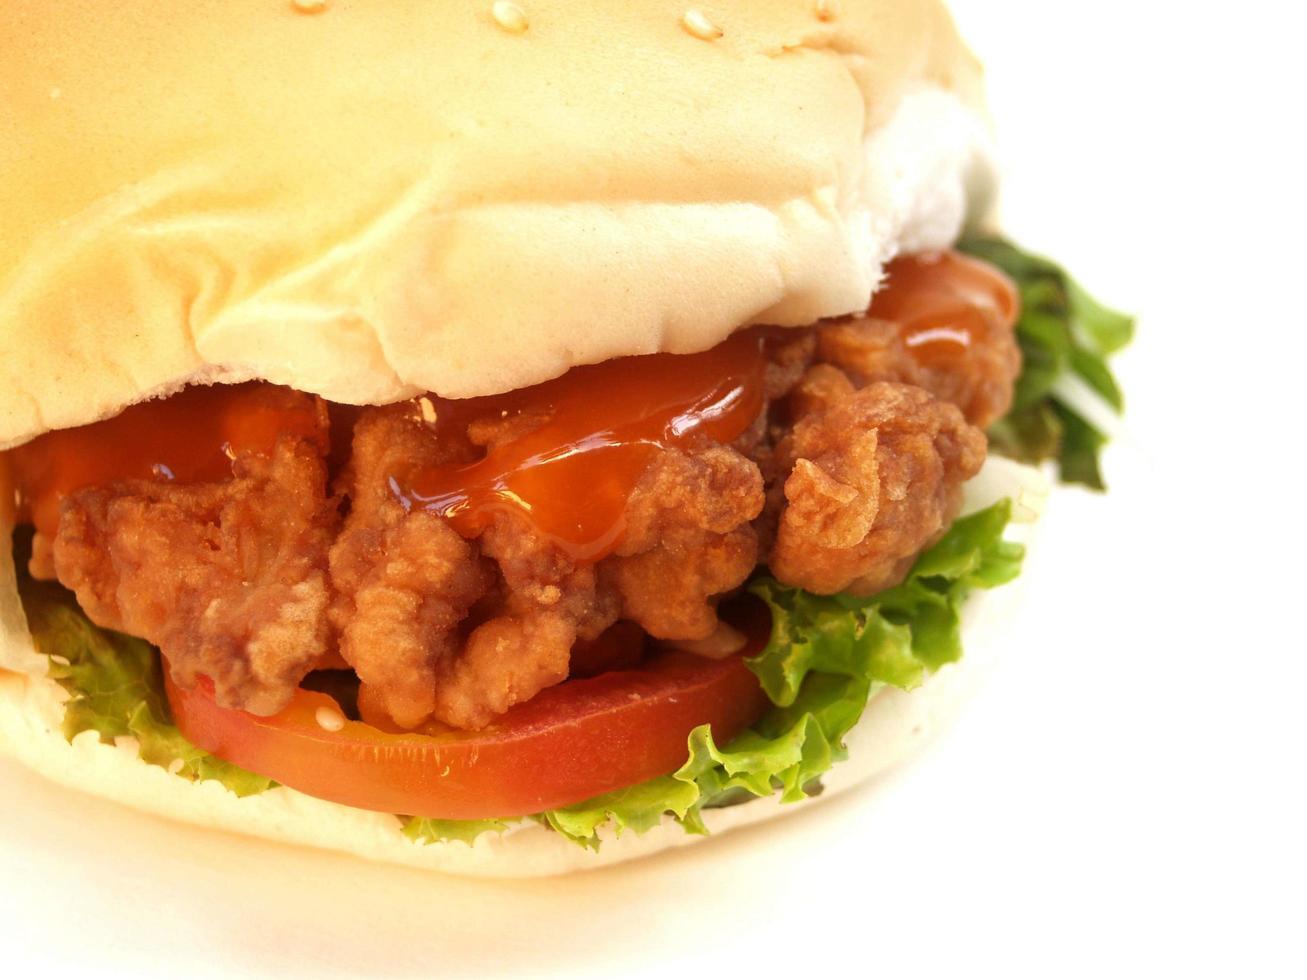 Nahaufnahme eines Brathähnchen-Burgers foto